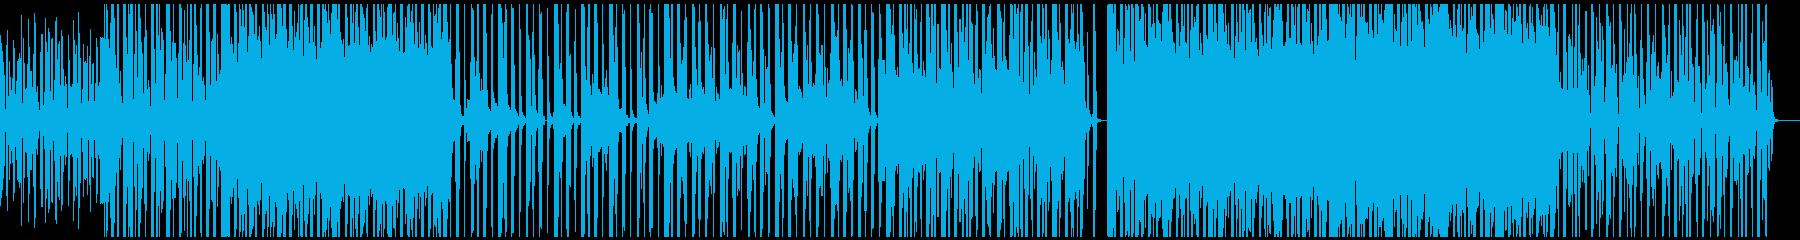 軽快なカッティングを活かしたピアノ主旋律の再生済みの波形